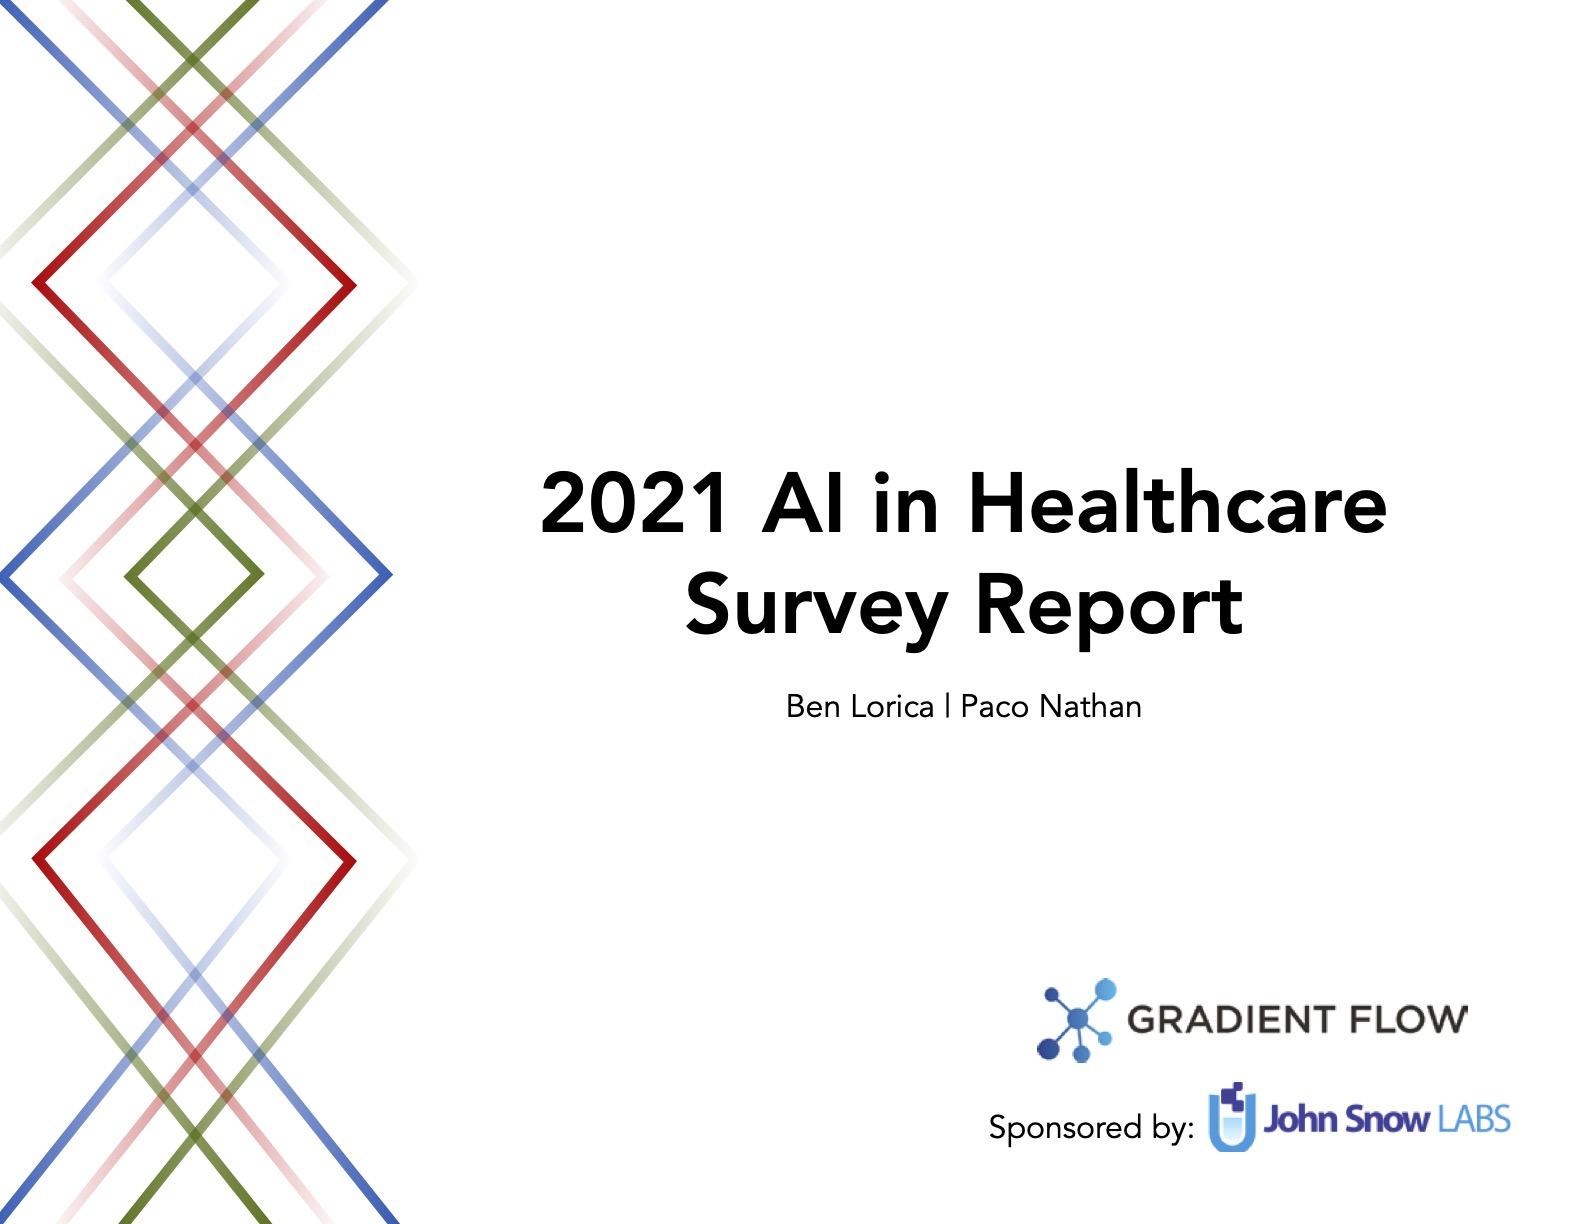 2021 AI in Healthcare Survey Report